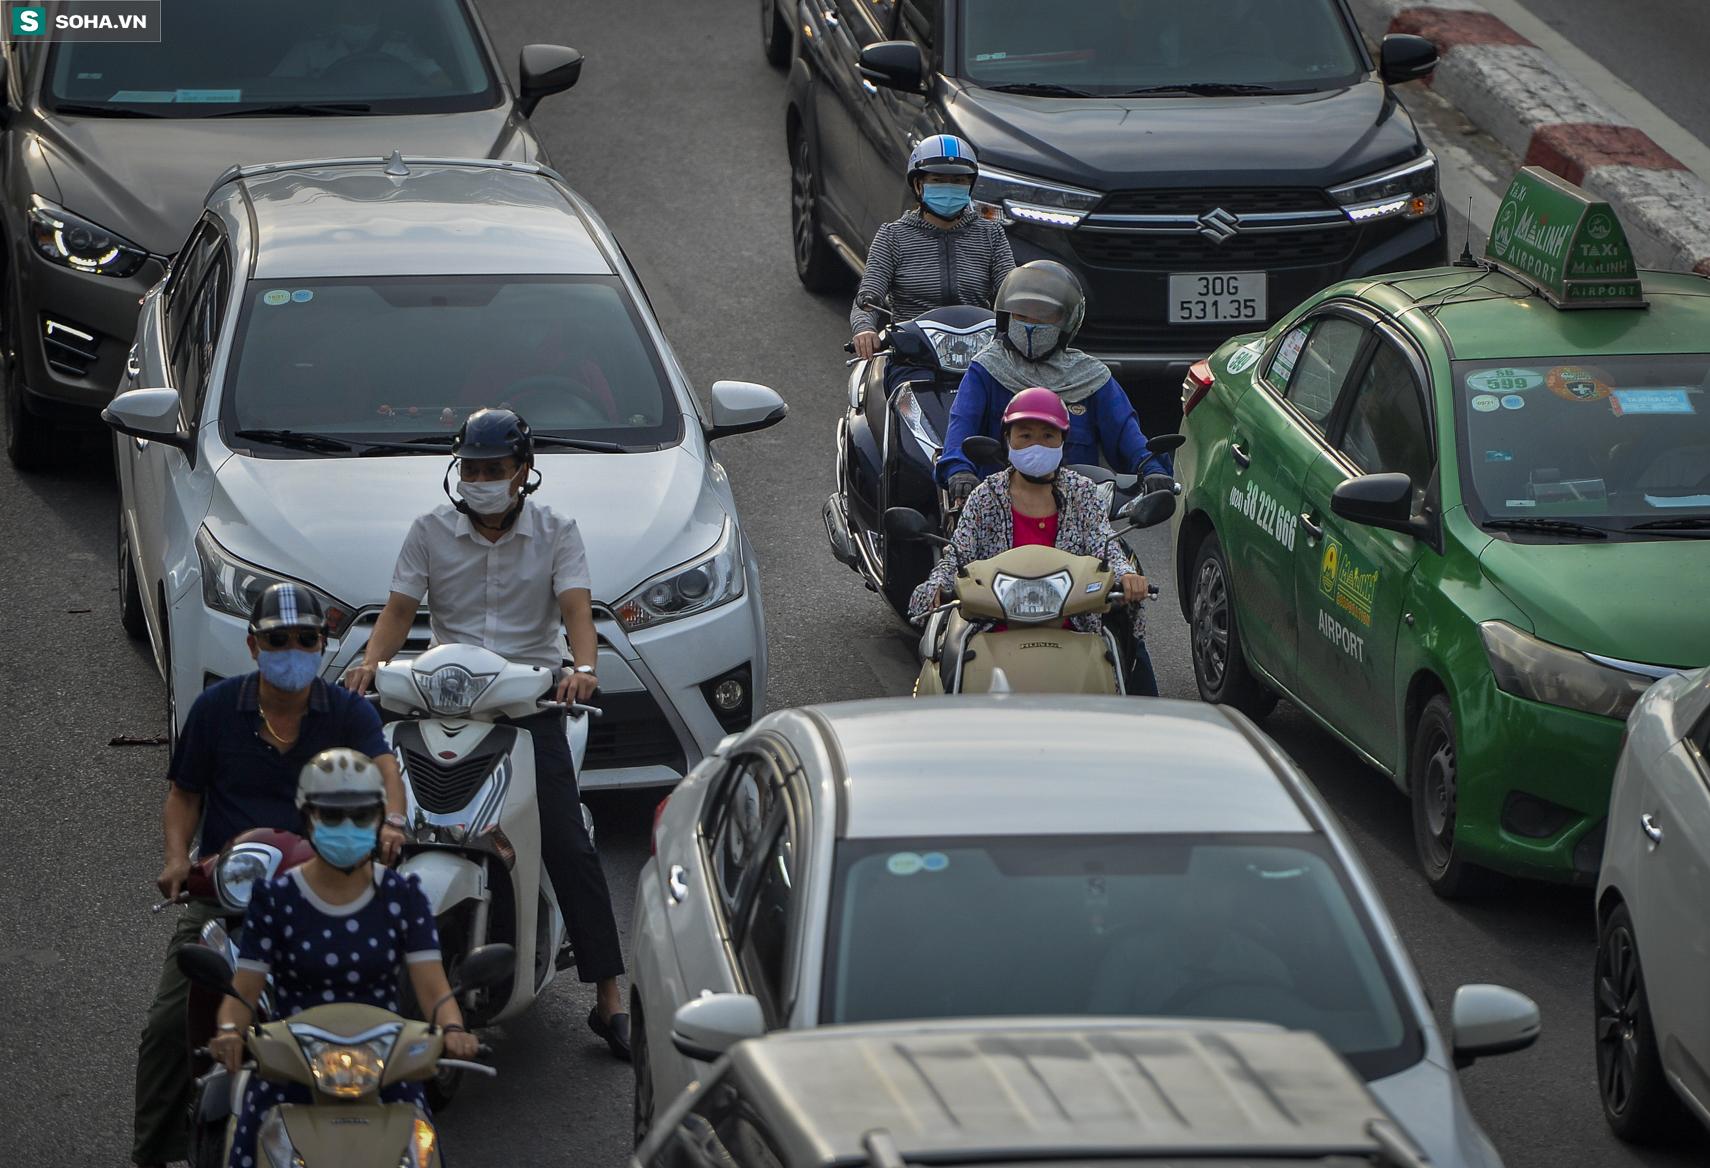 Ngày cuối giãn cách xã hội đợt 4, nhiều tuyến phố Hà Nội xe cộ tấp nập - Ảnh 4.